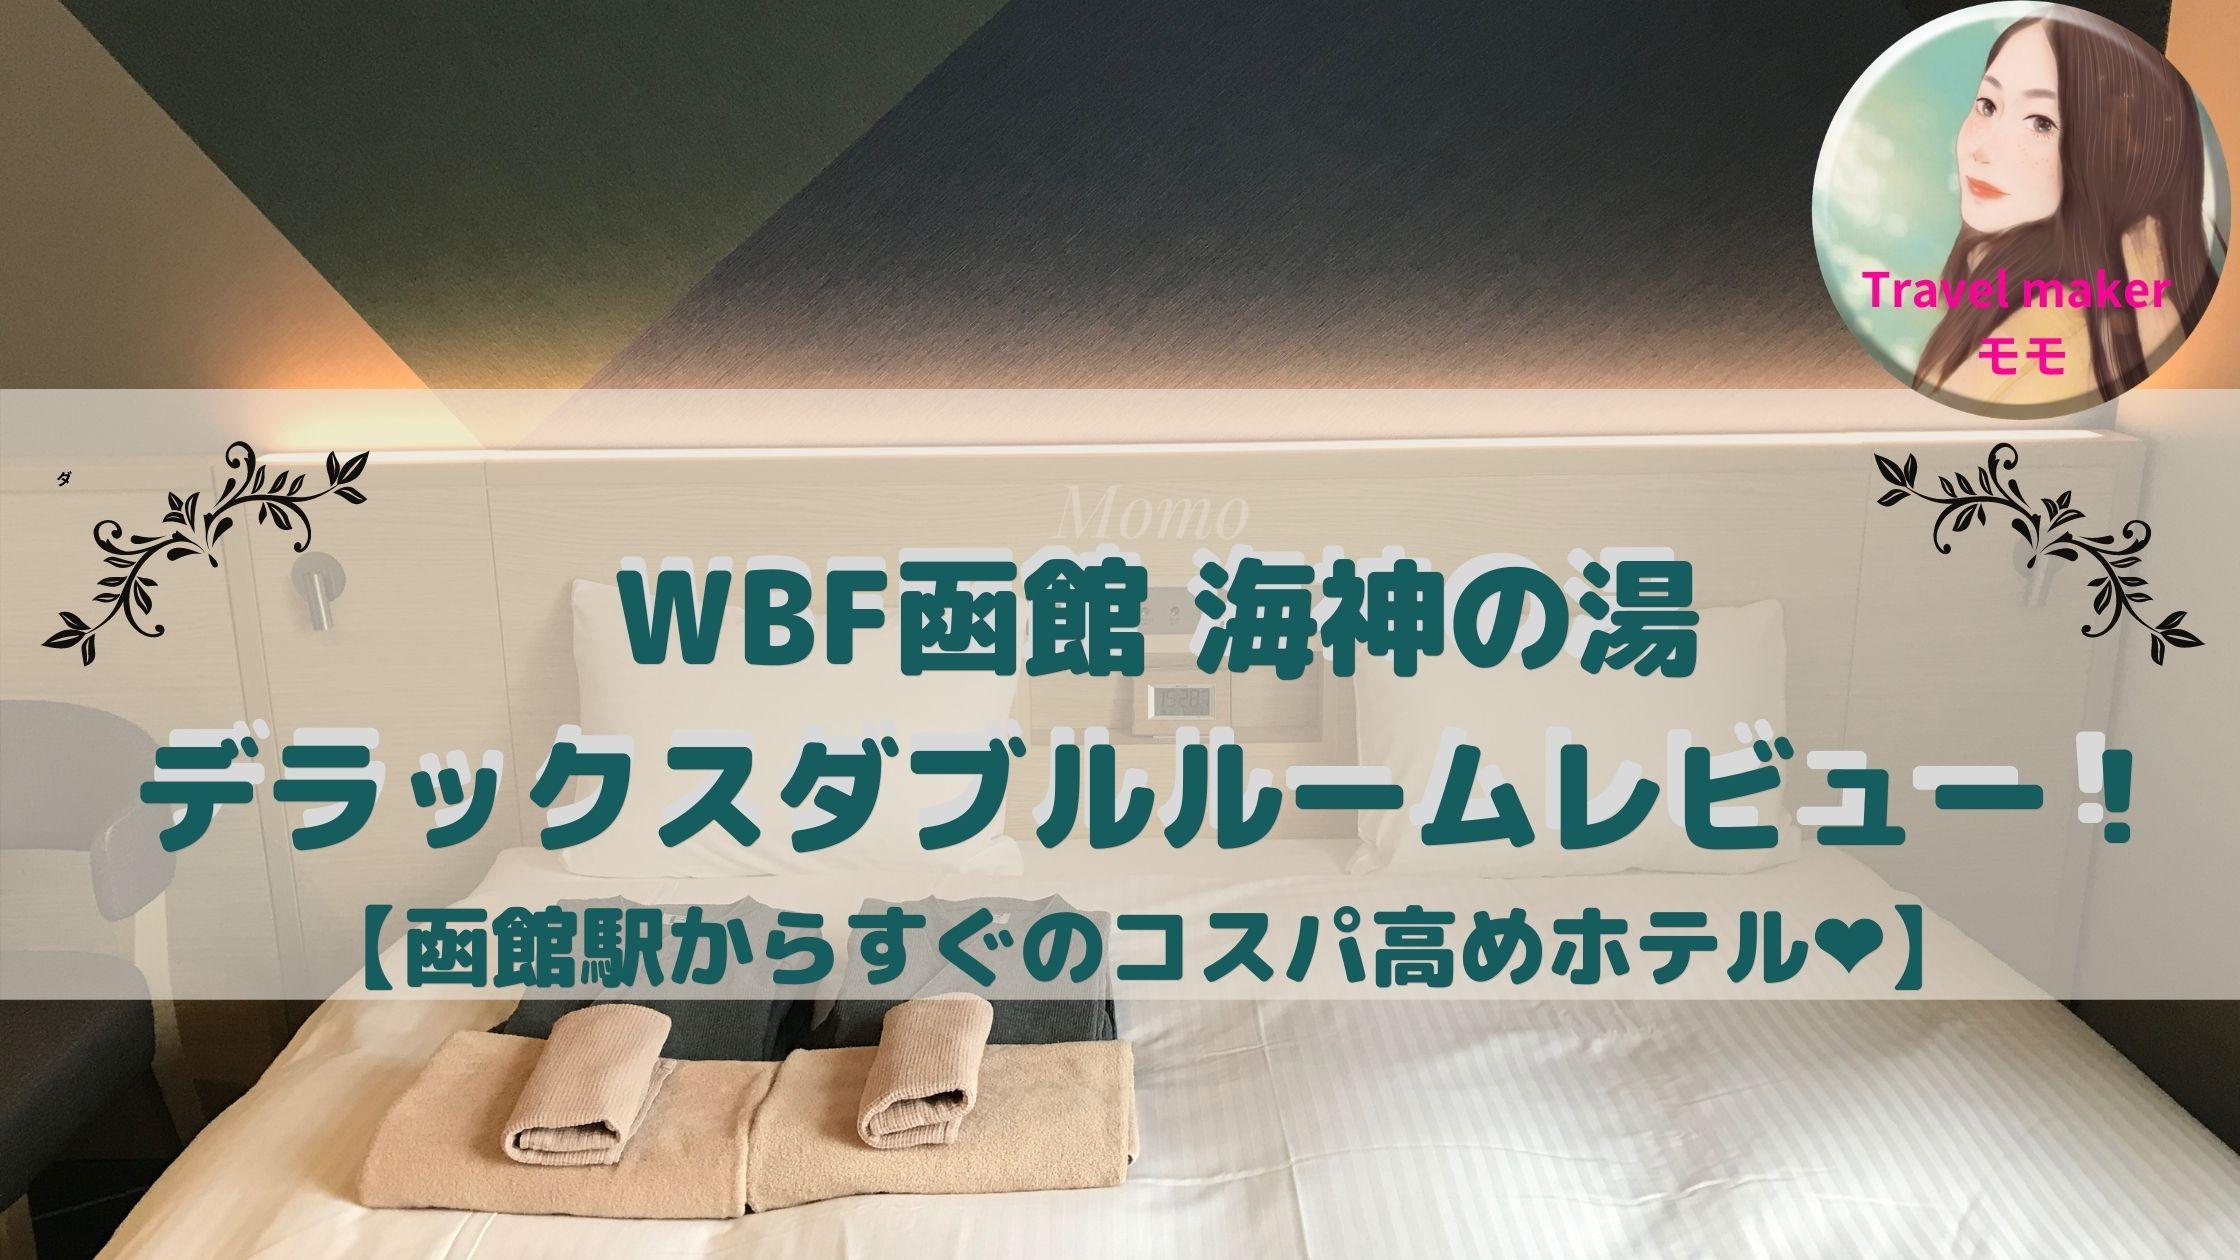 WBF 函館 ブログ